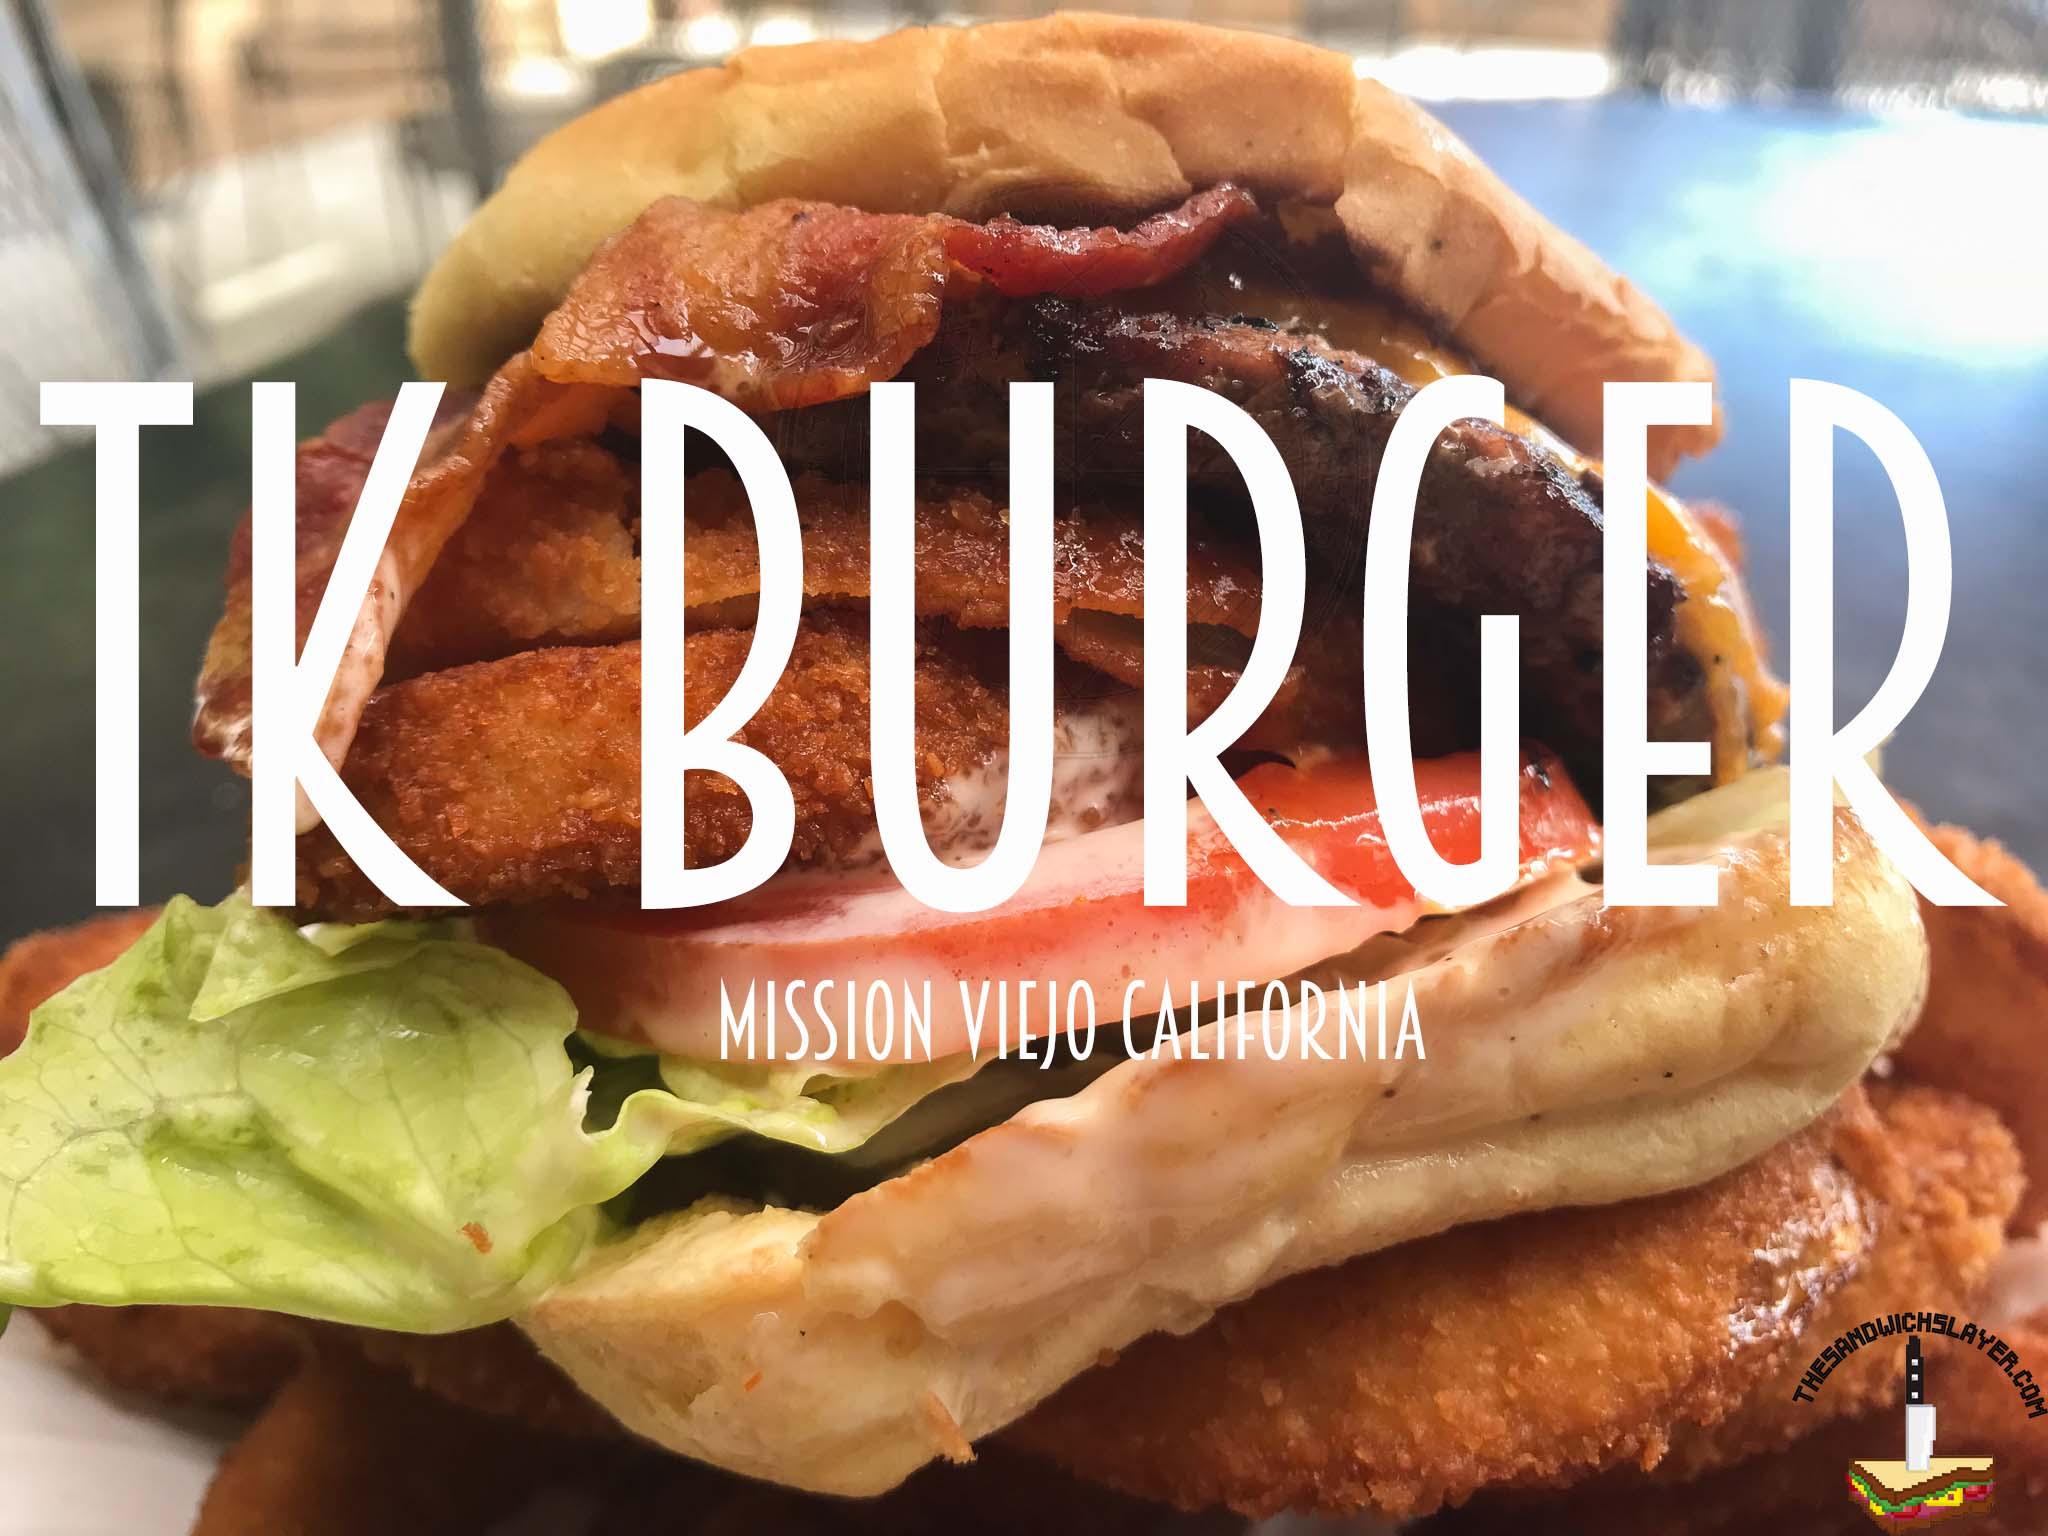 TK Burger Mission Viejo